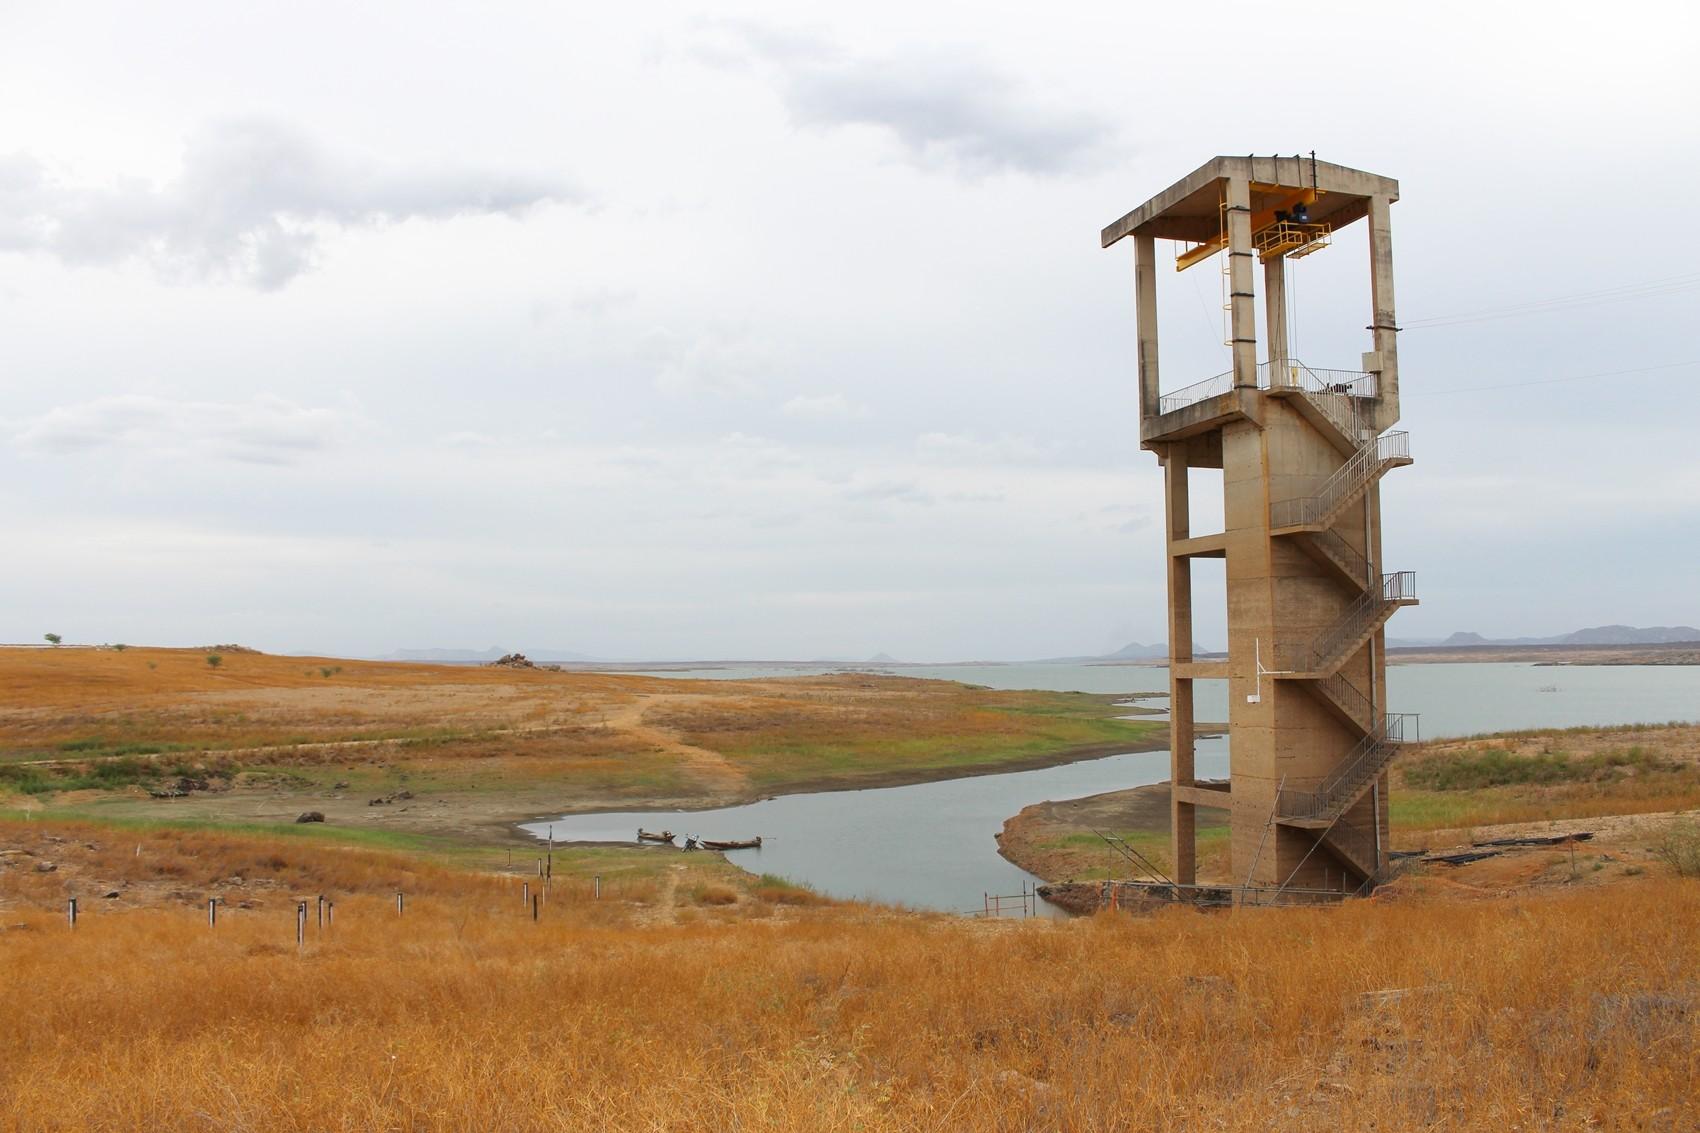 Chuvas de janeiro não mudam 'quadro crítico' dos reservatórios de água do RN, diz Igarn